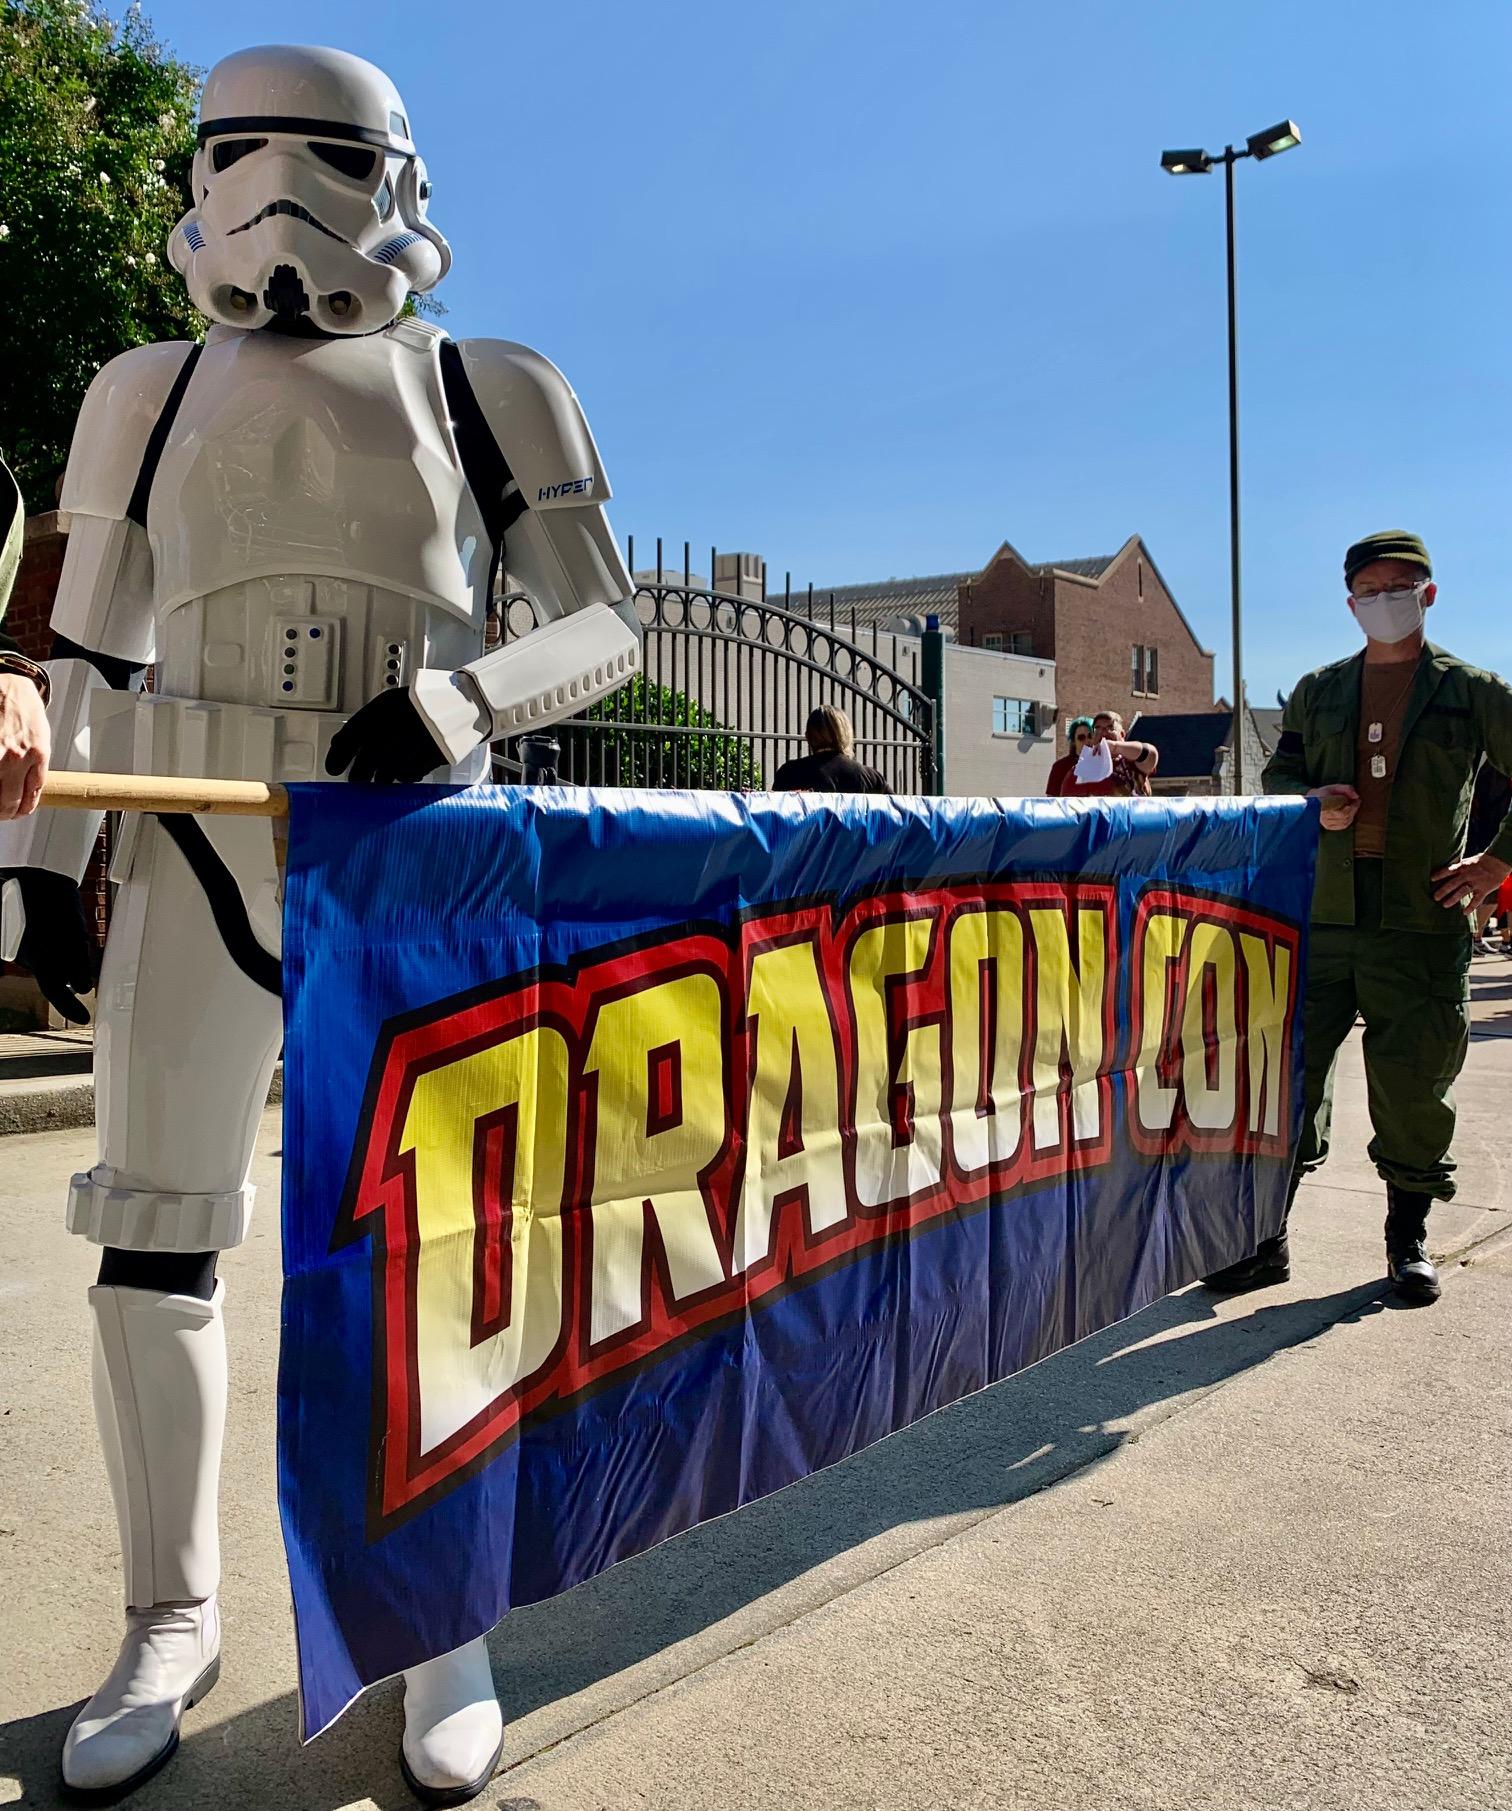 DragonConParade2021_03